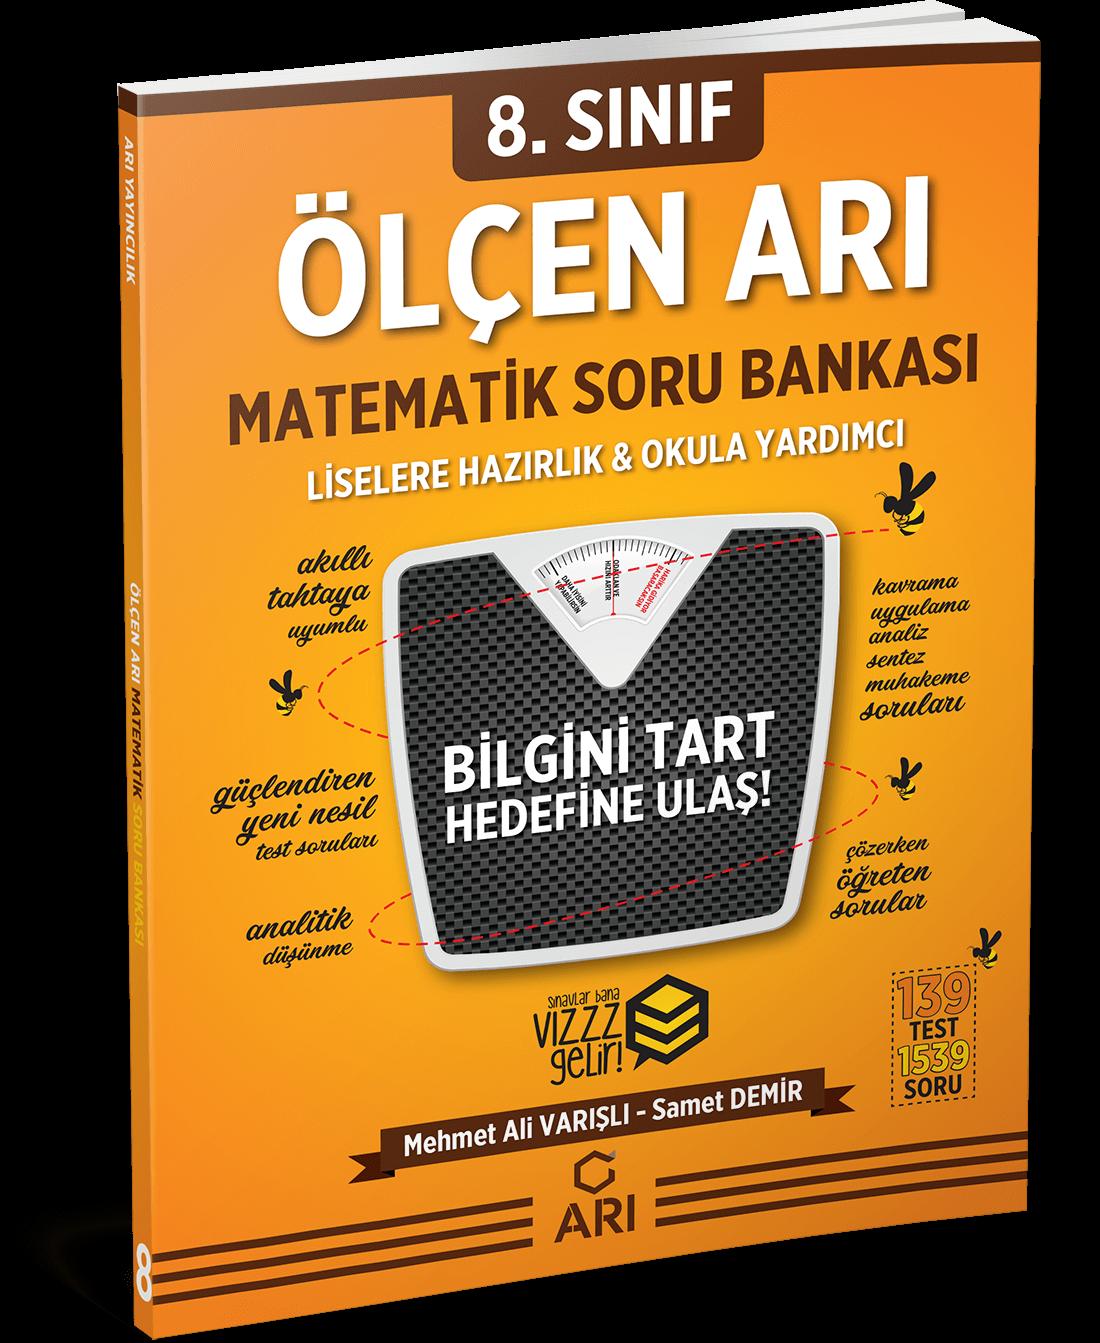 Ölçen Arı Matematik Soru Bankası 8. Sınıf (LGS Hazırlık)